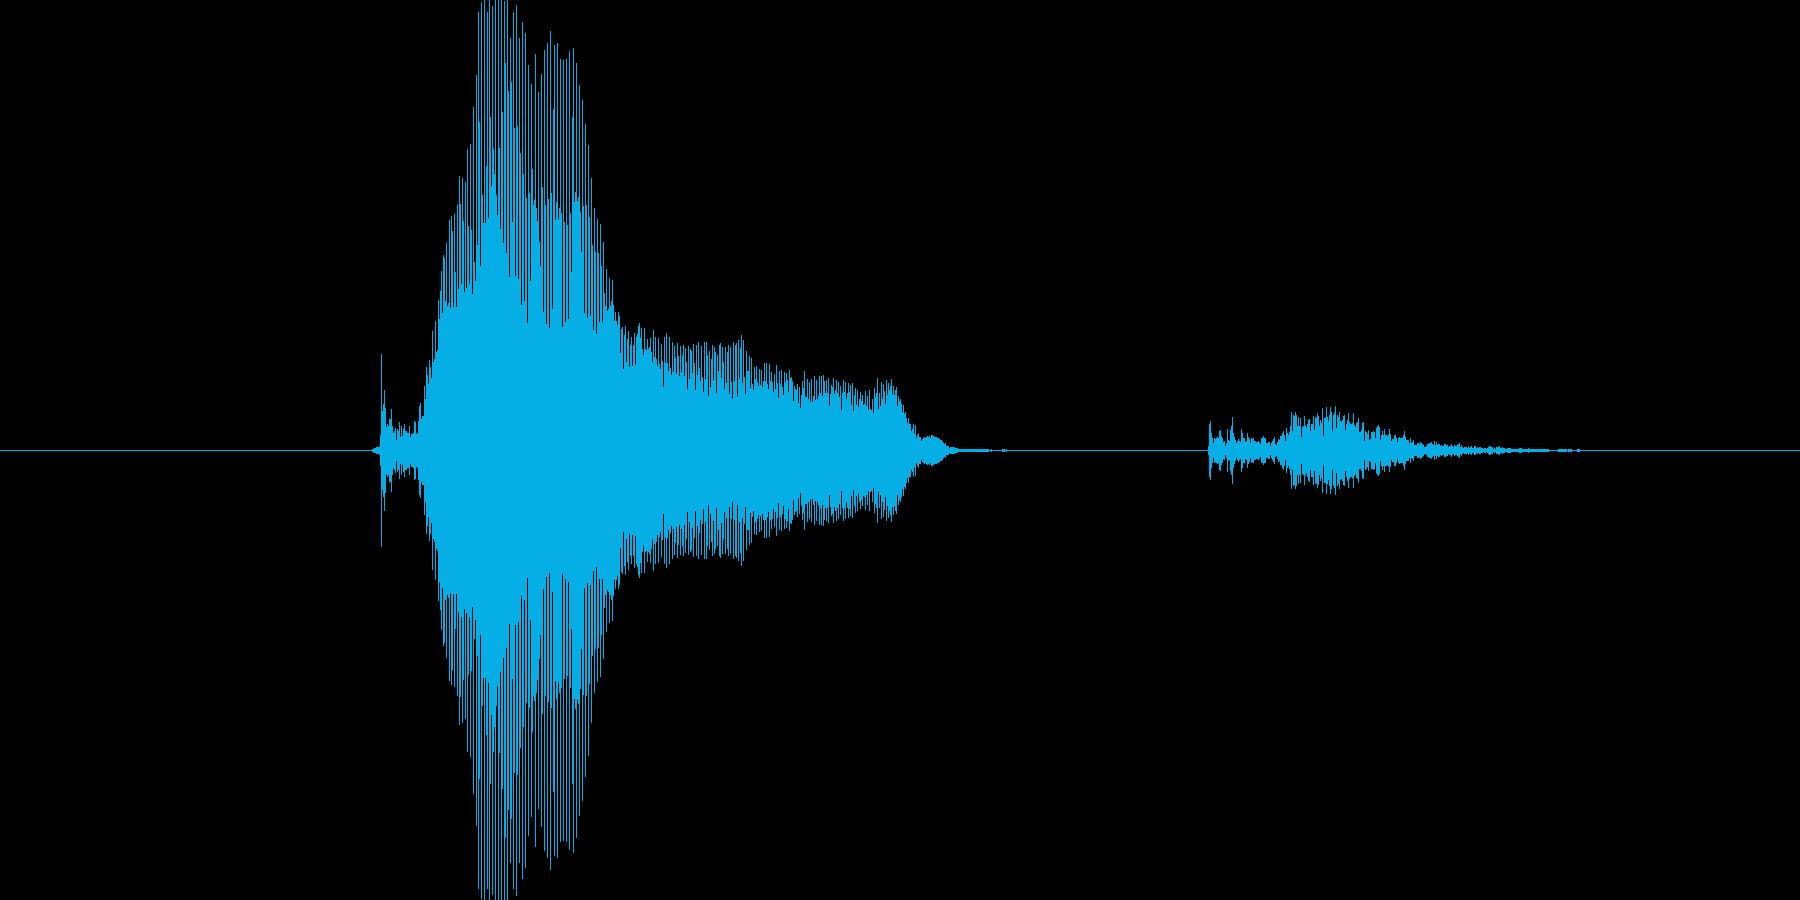 キーック!の再生済みの波形